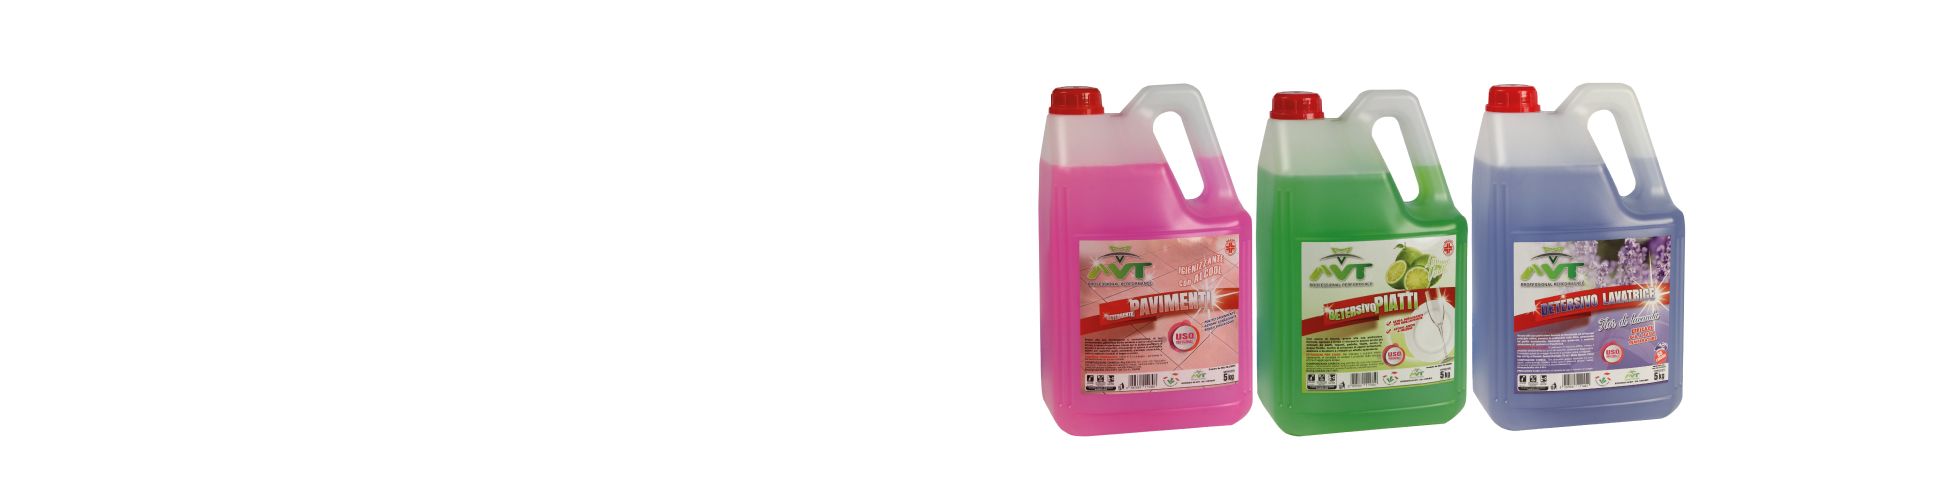 prodotti-mvt-detersivi